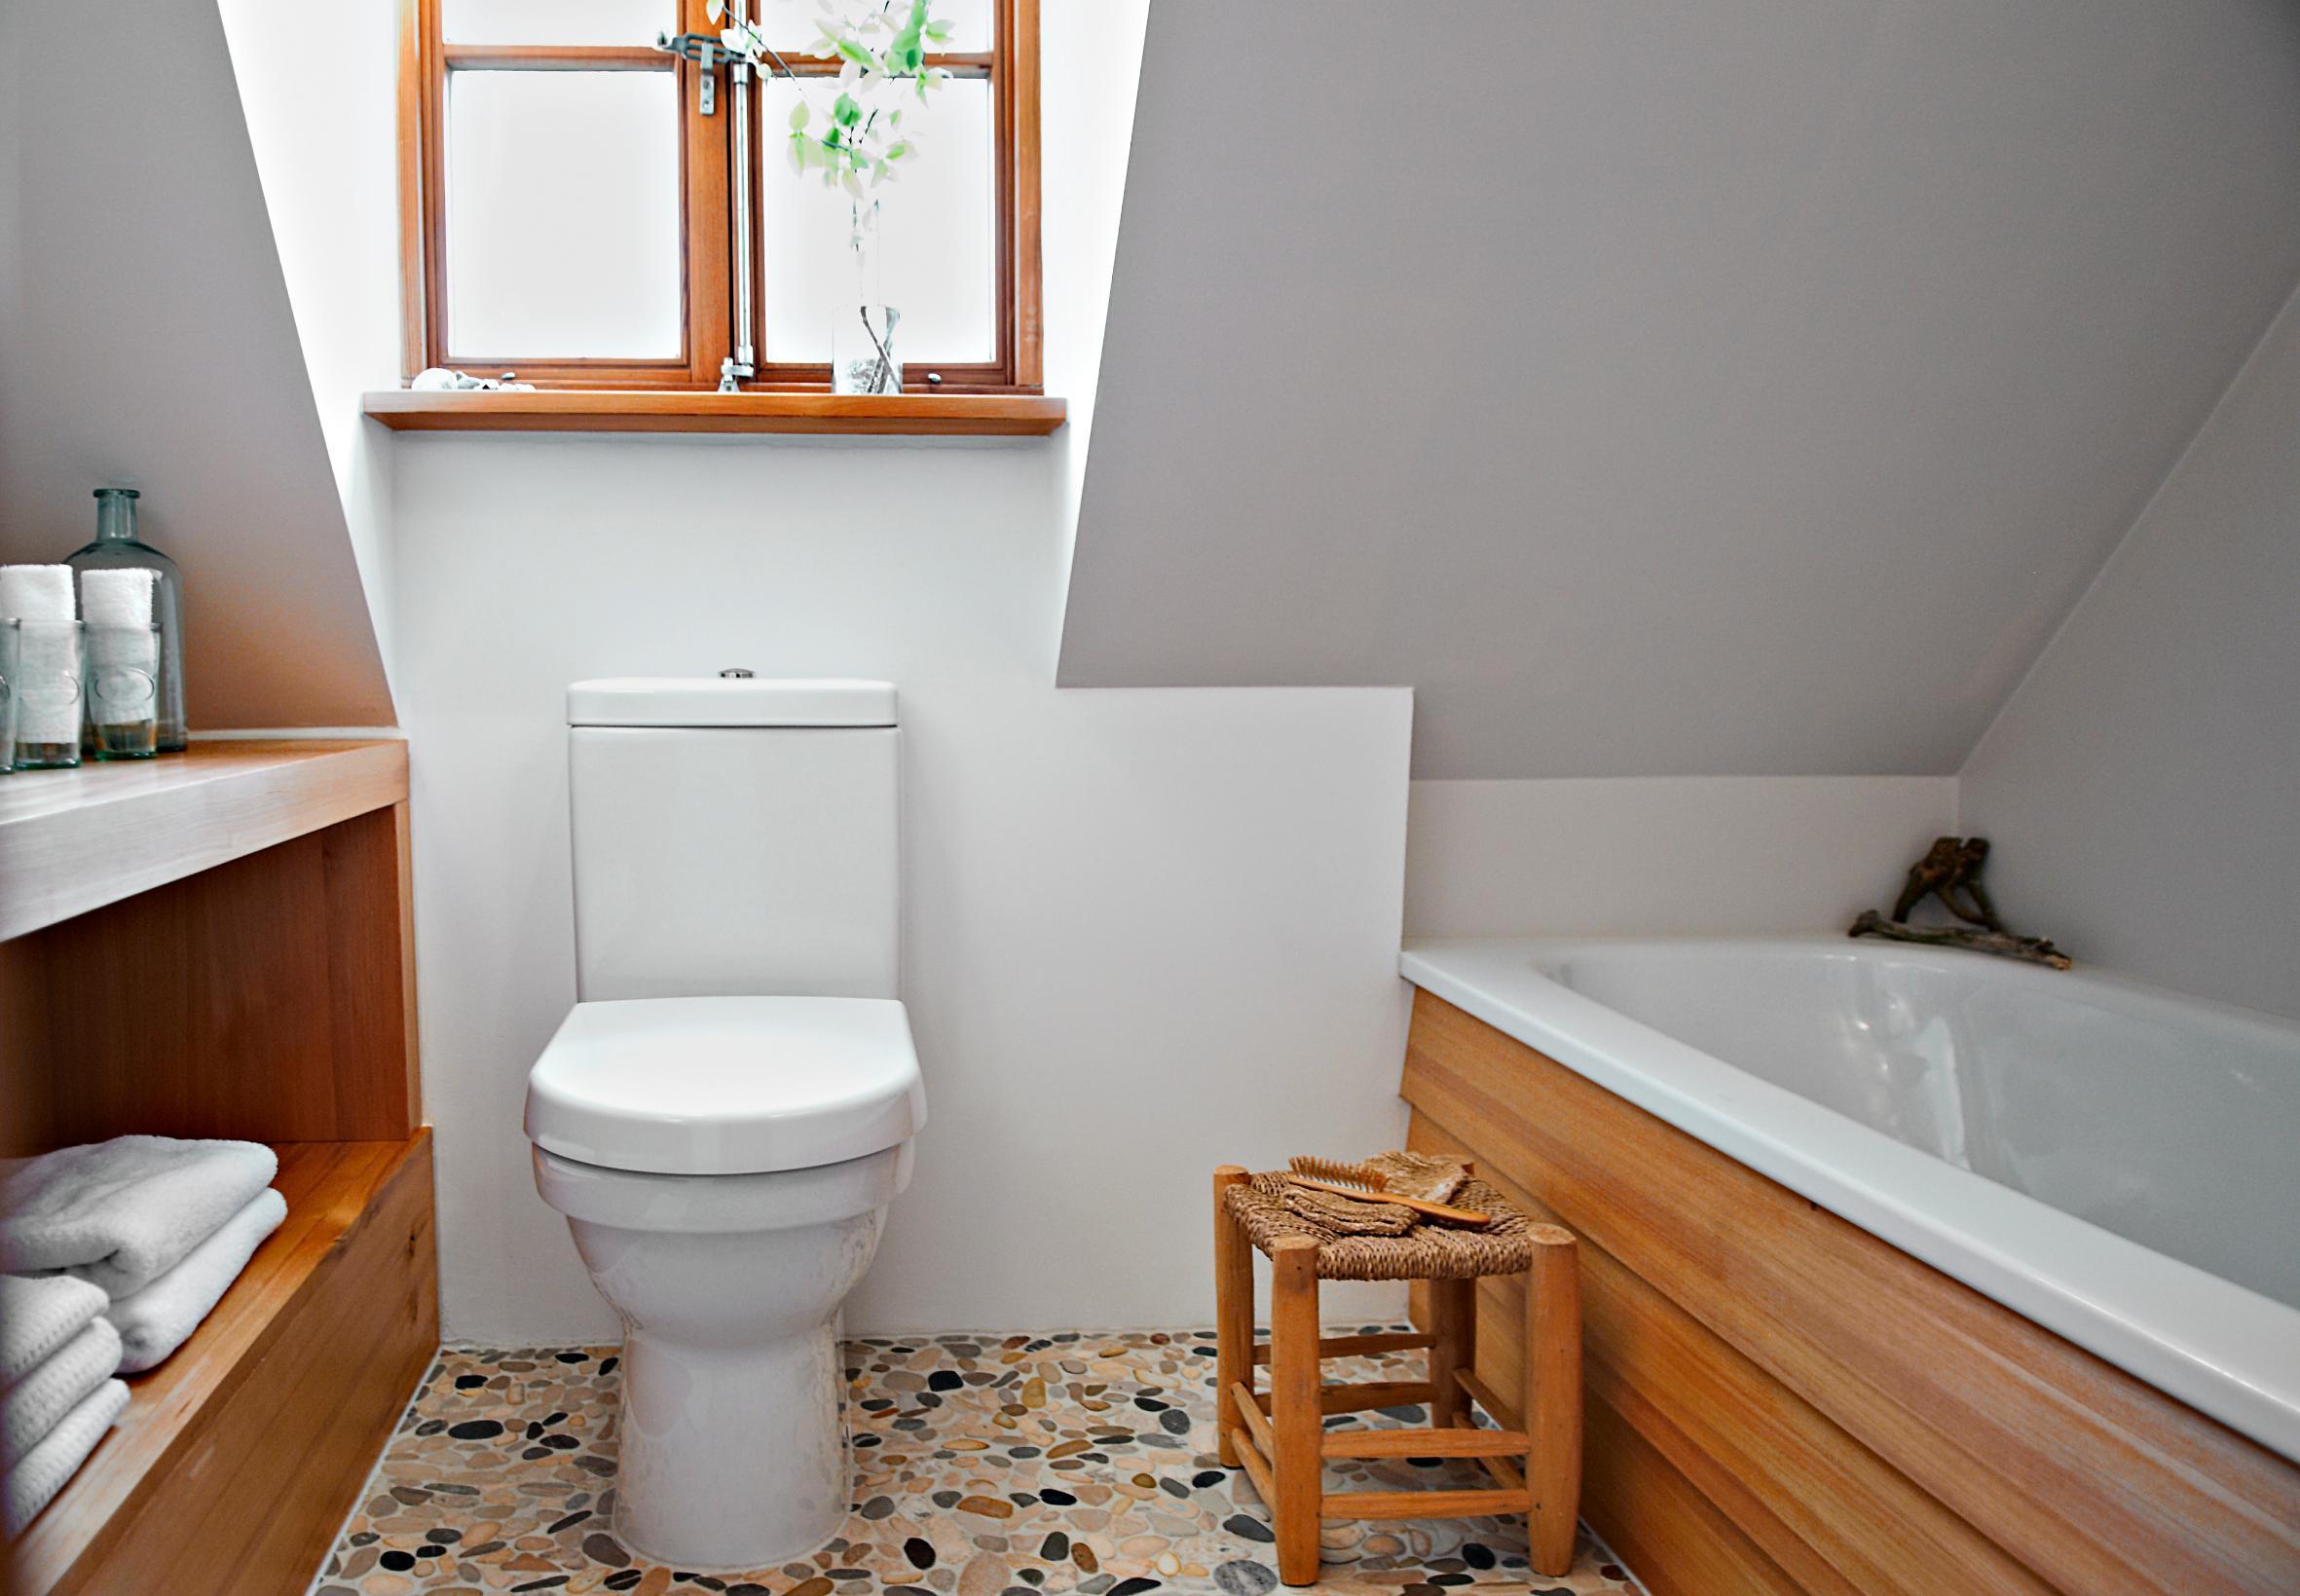 badezimmer gestalten bilder ideen couchstyle